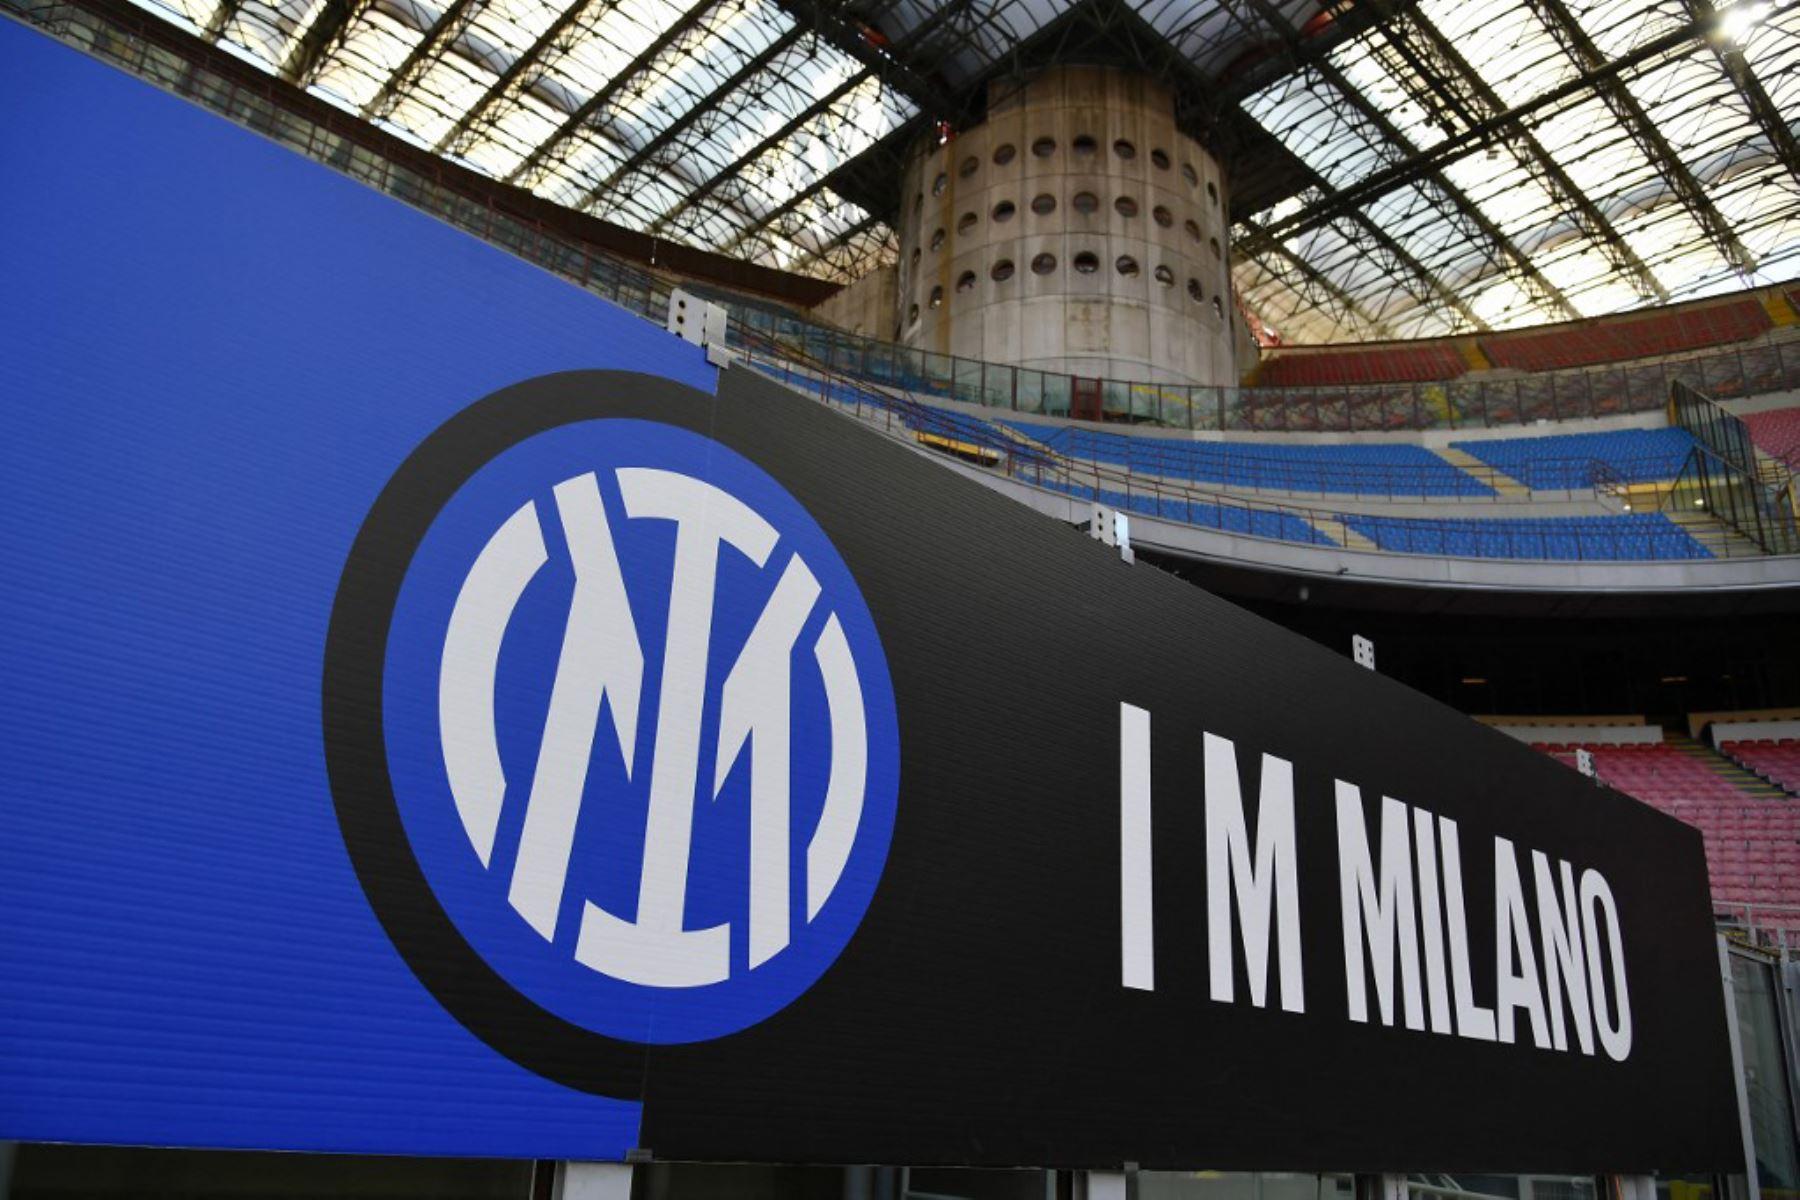 El nuevo logo oficial del Inter de Milán se muestra antes del partido de fútbol de la Serie A italiana Inter de Milán vs Sassuolo.  Foto:AFP